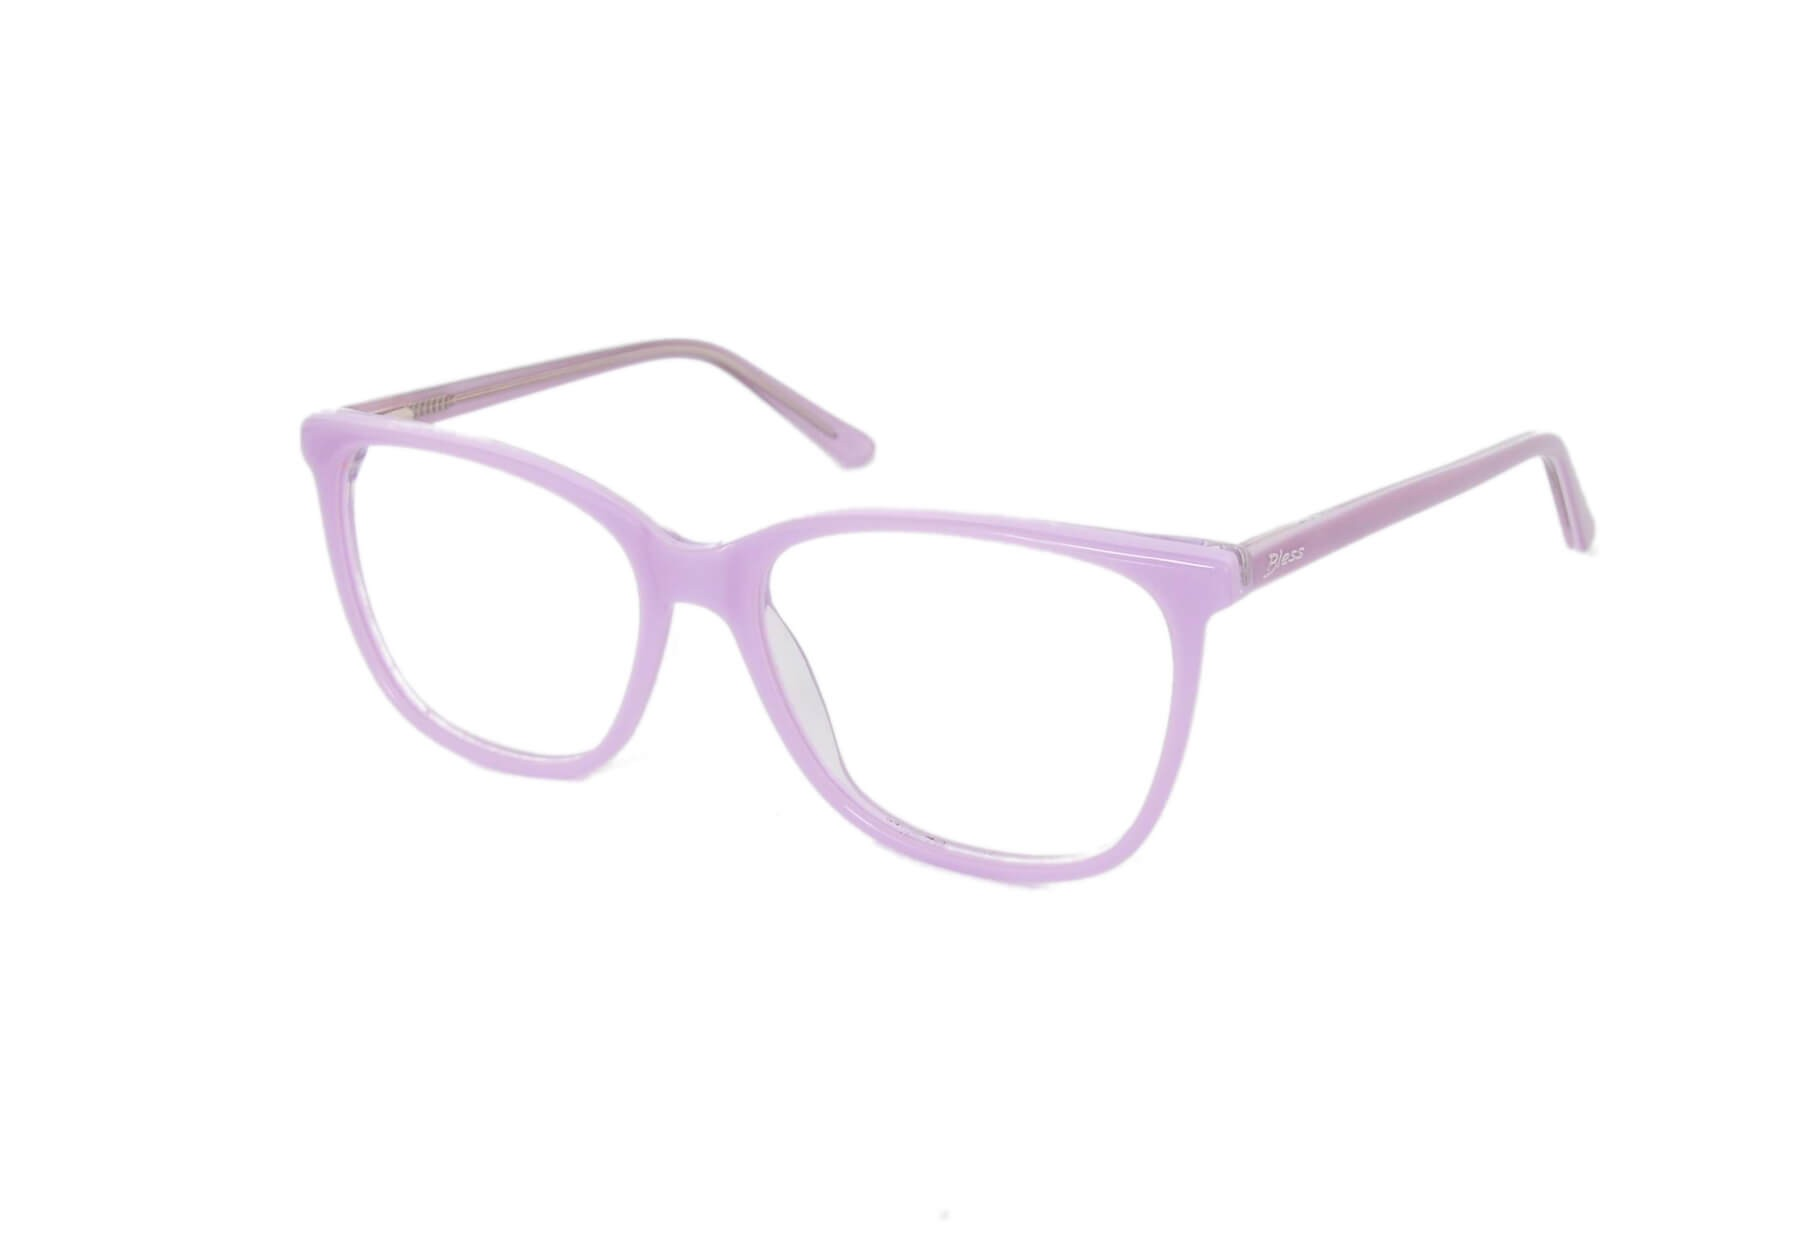 Armação óculos feminina acetato